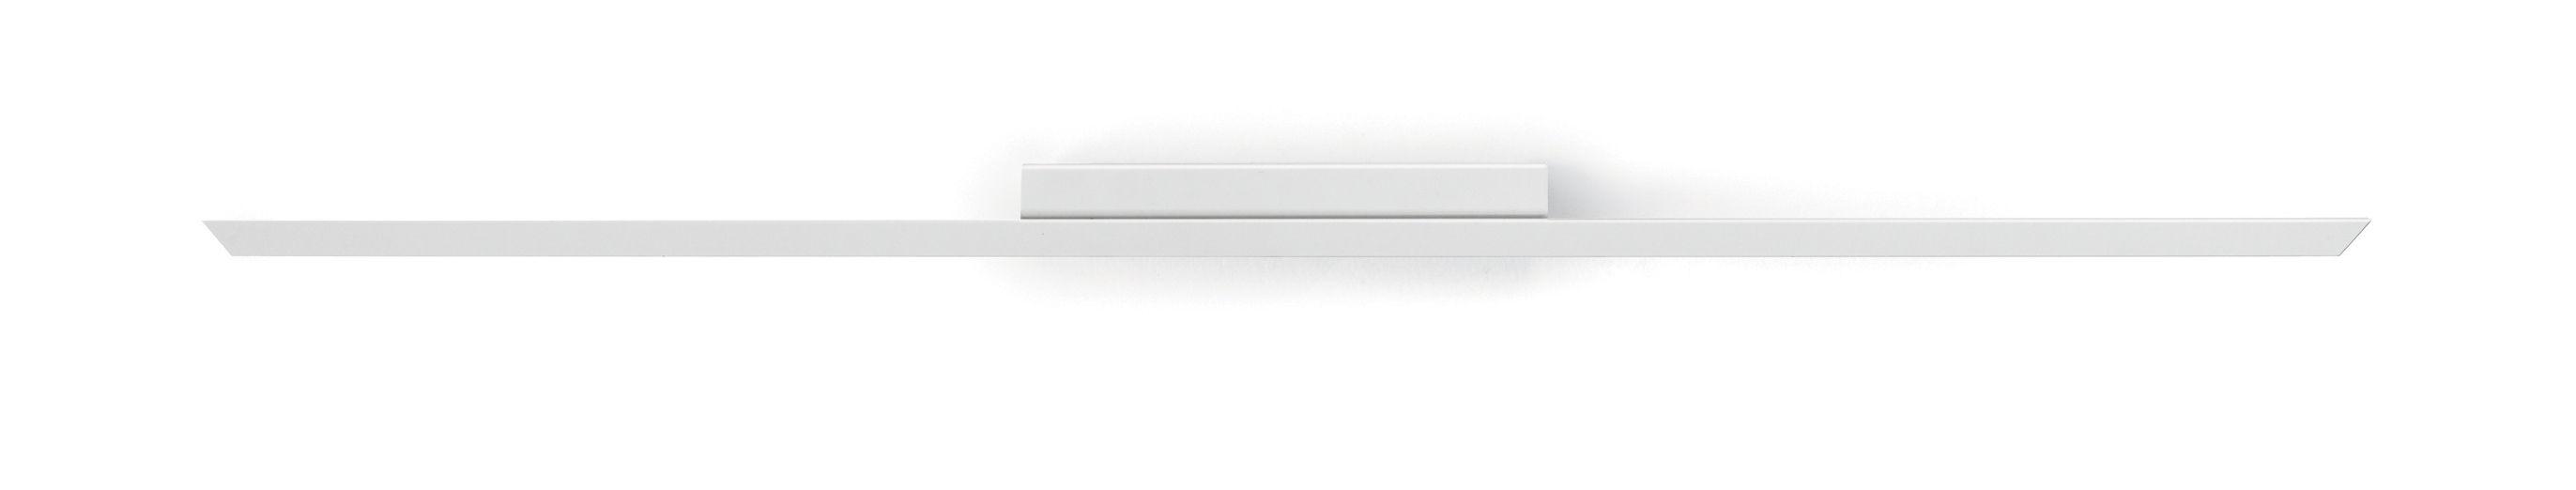 Illuminazione - Plafoniere - Applique Lineal LED - / L 86 cm di Carpyen - L 86 cm / Blanc - Alluminio laccato